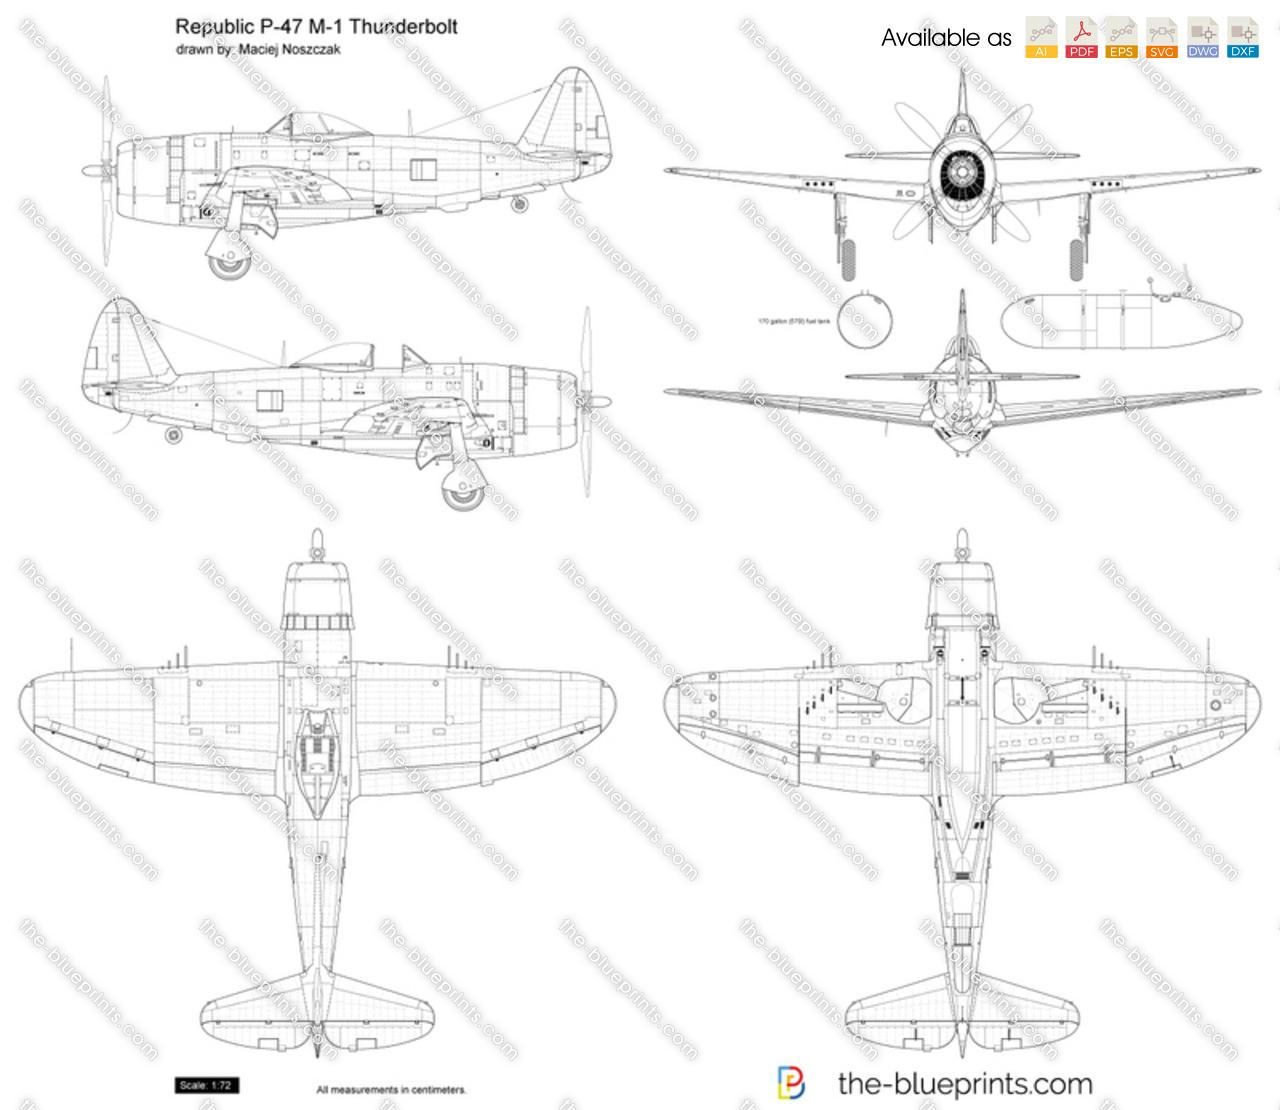 Republic P-47 M-1 Thunderbolt